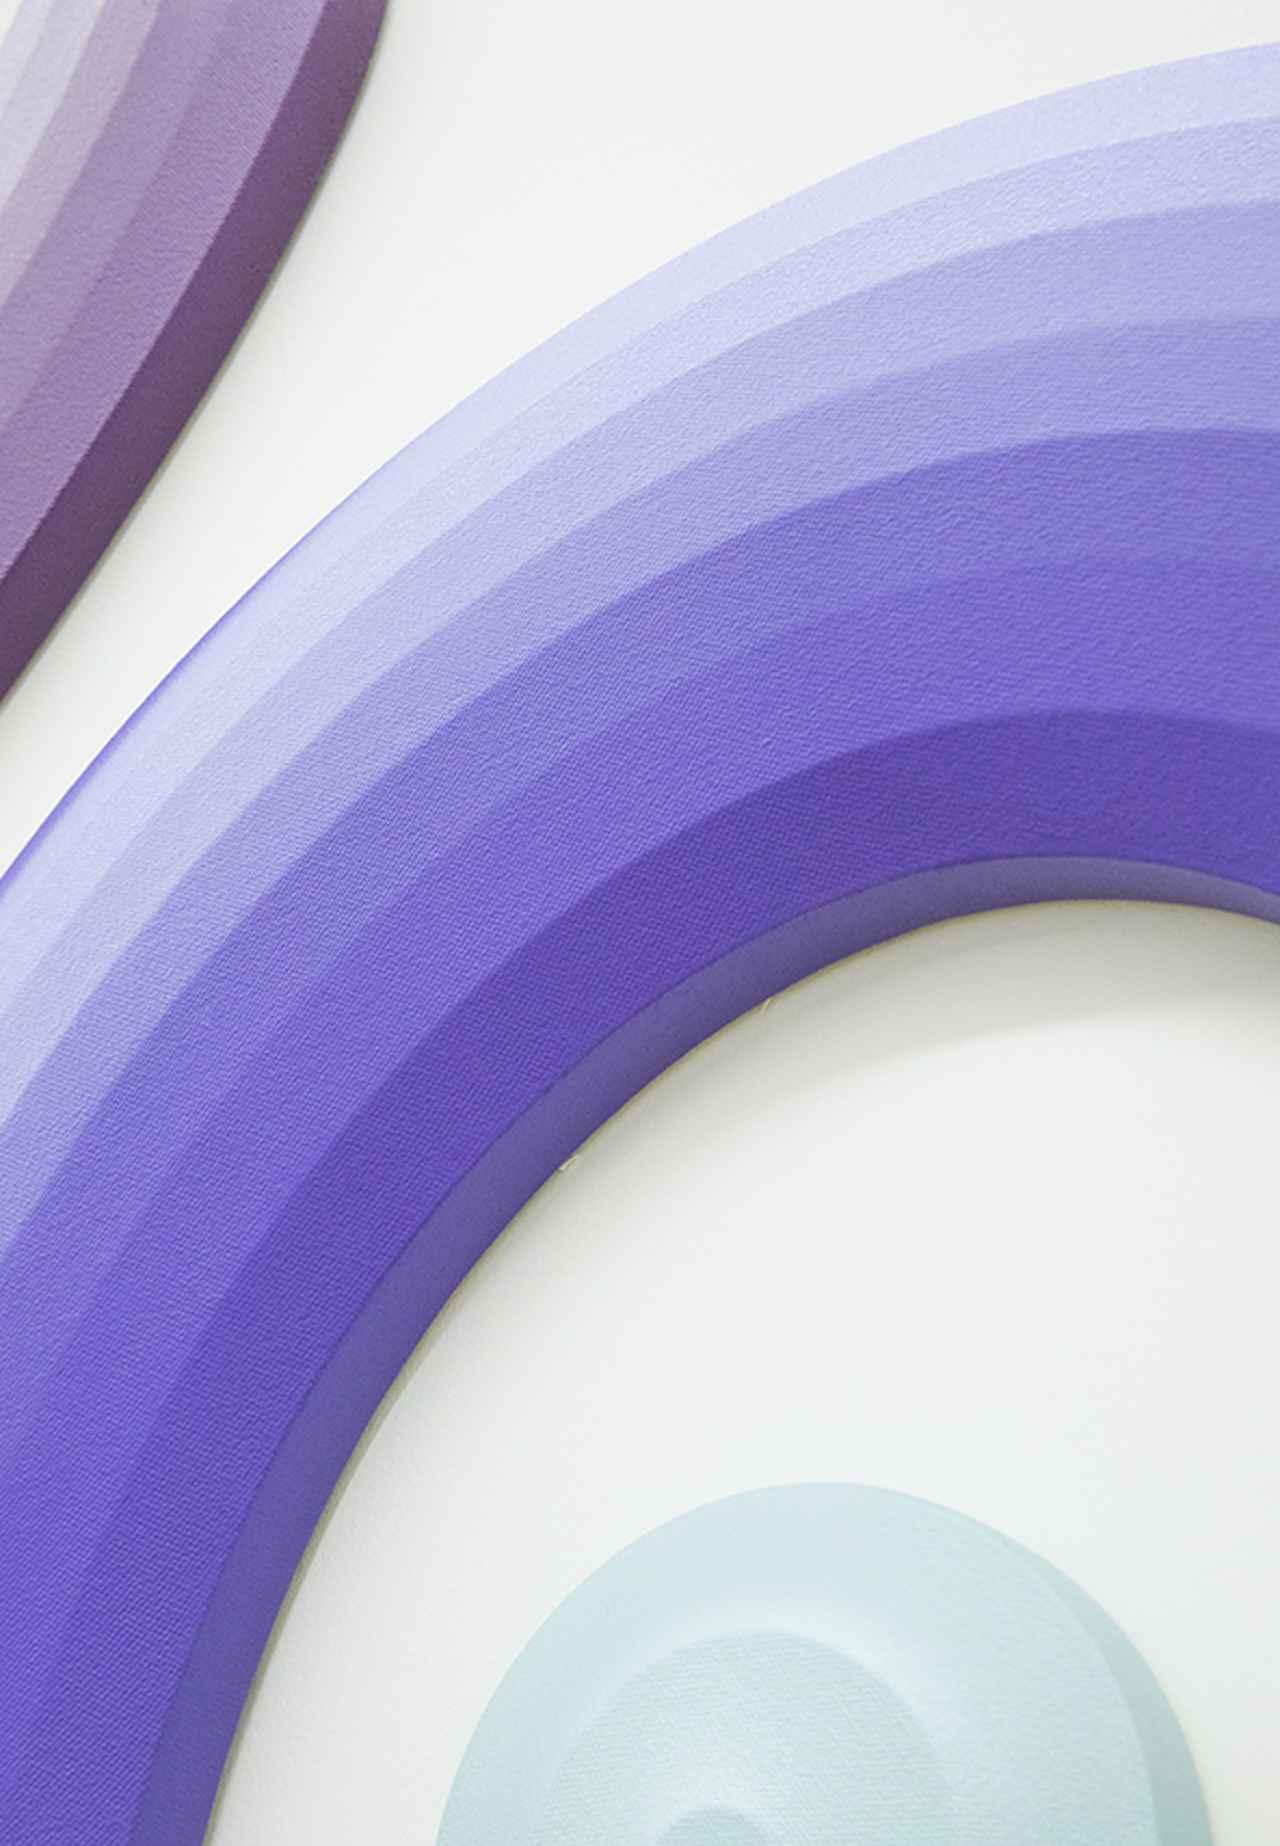 Images : 7番目の画像 - 「色彩とかたちをあやつる ジョシュ・スパーリングの 新しい抽象芸術」のアルバム - T JAPAN:The New York Times Style Magazine 公式サイト